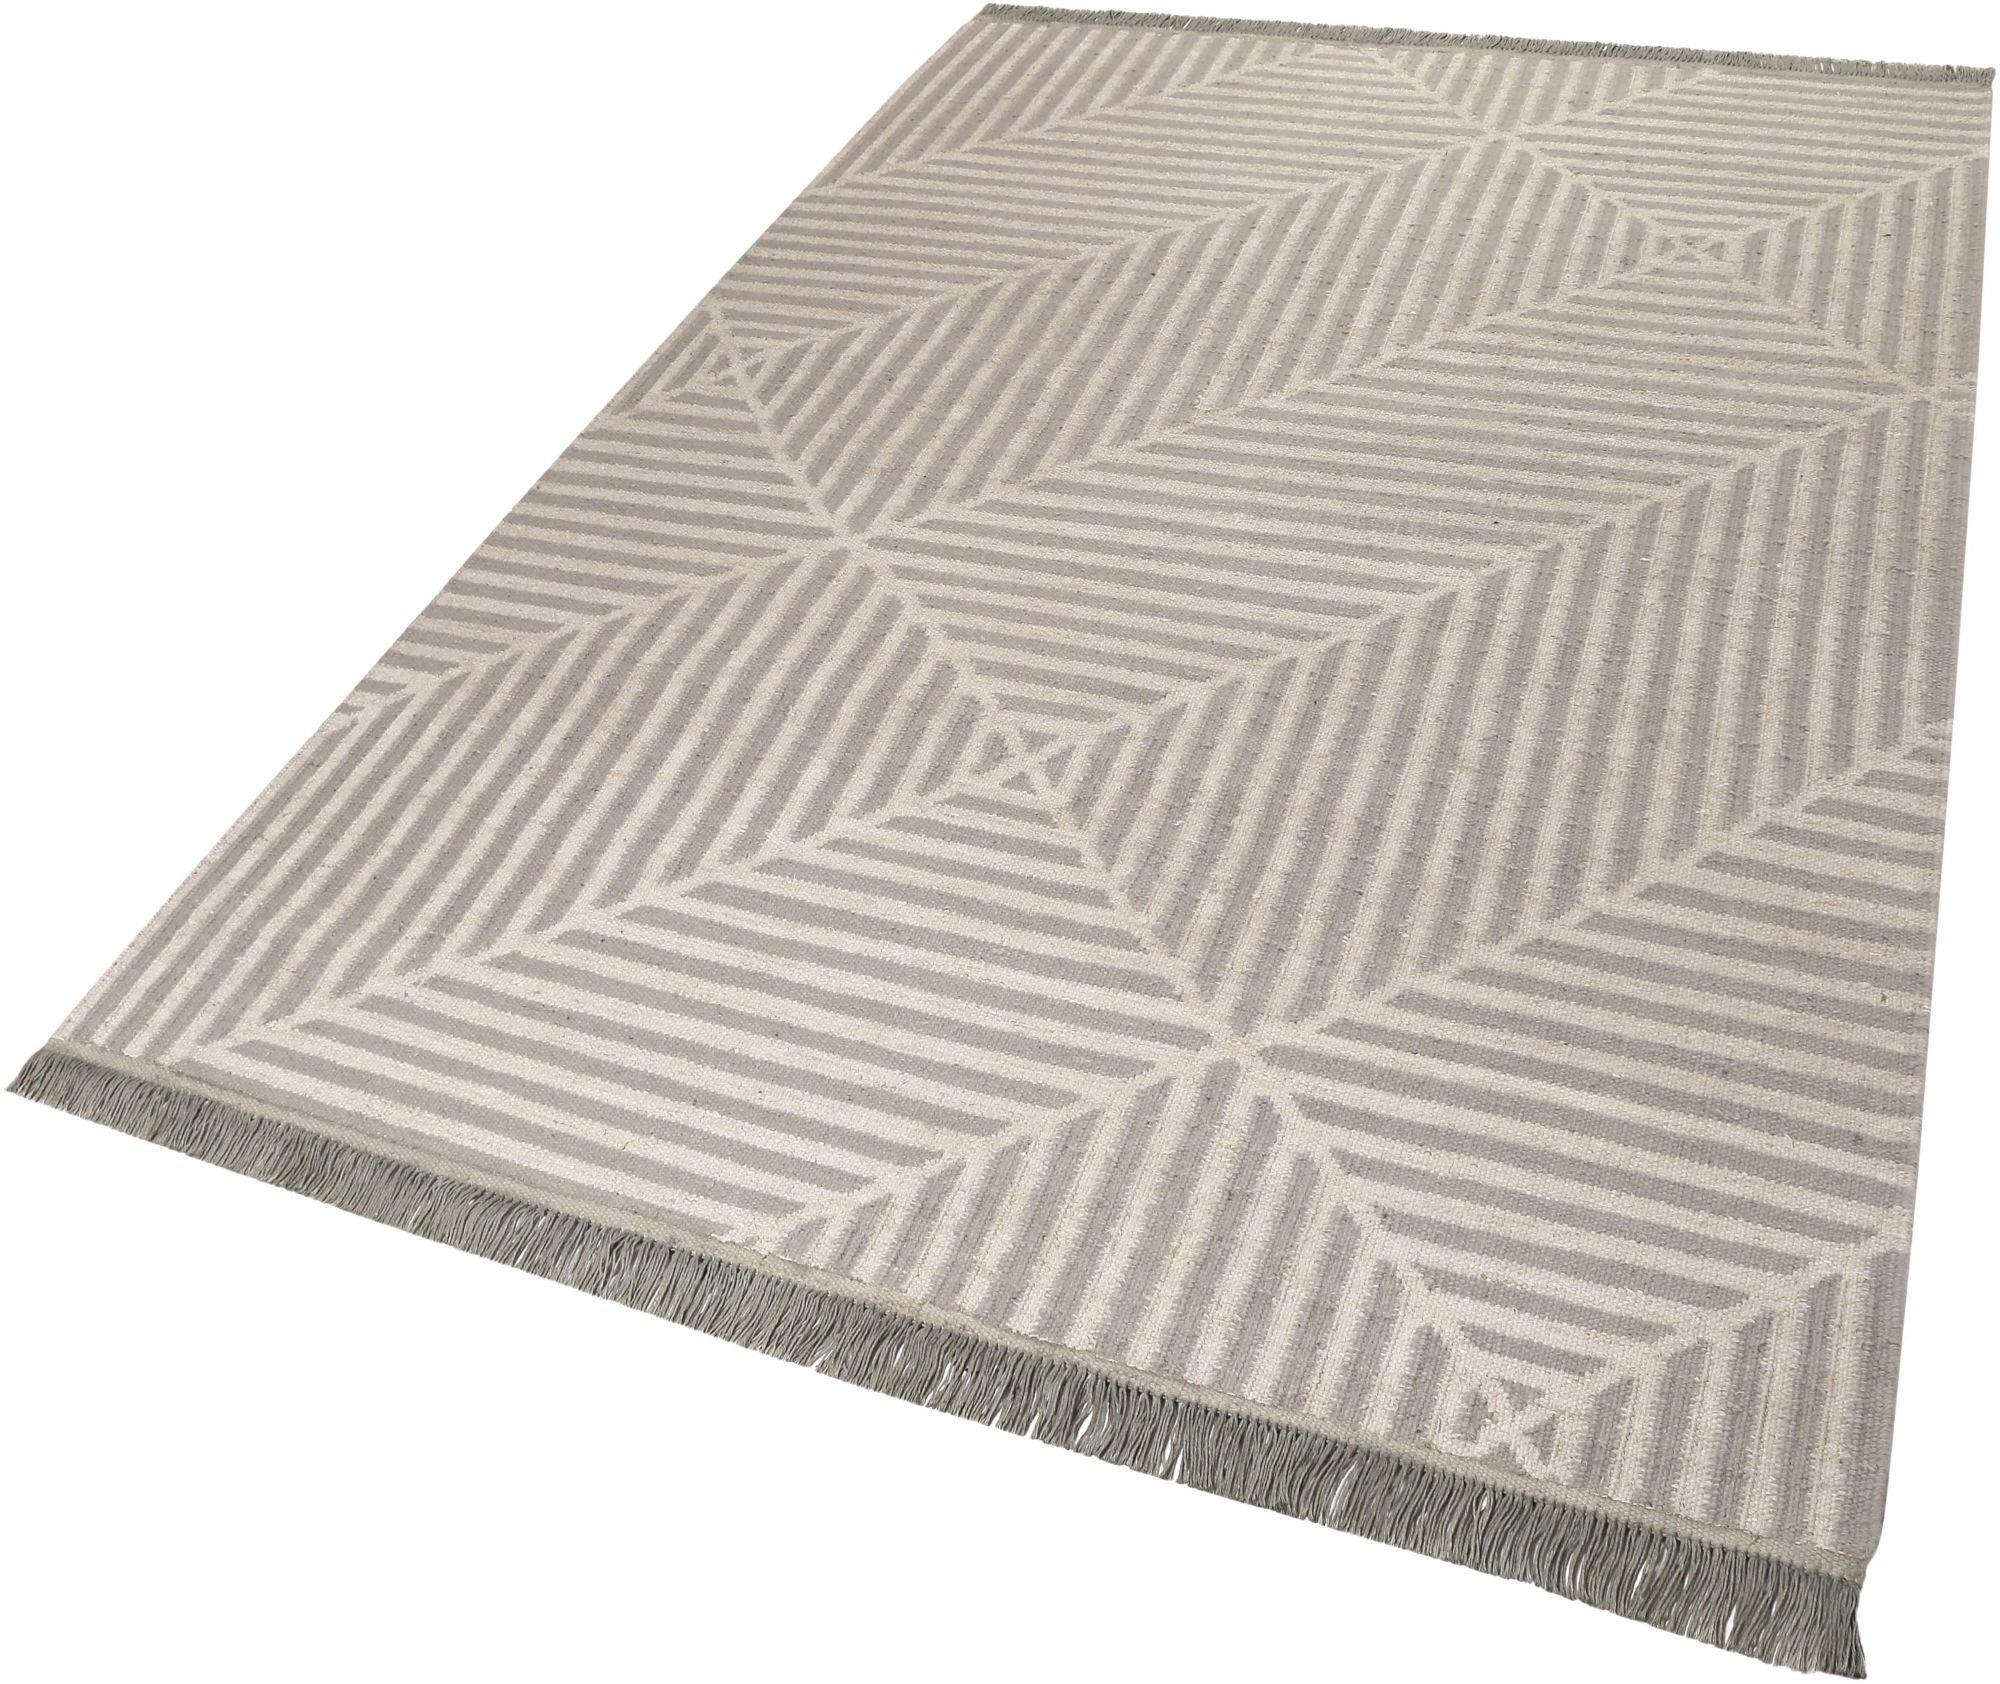 CARPETSCO Teppich, Carpets&Co, »Irregular Fields«, Höhe: 5 mm, handgewebt